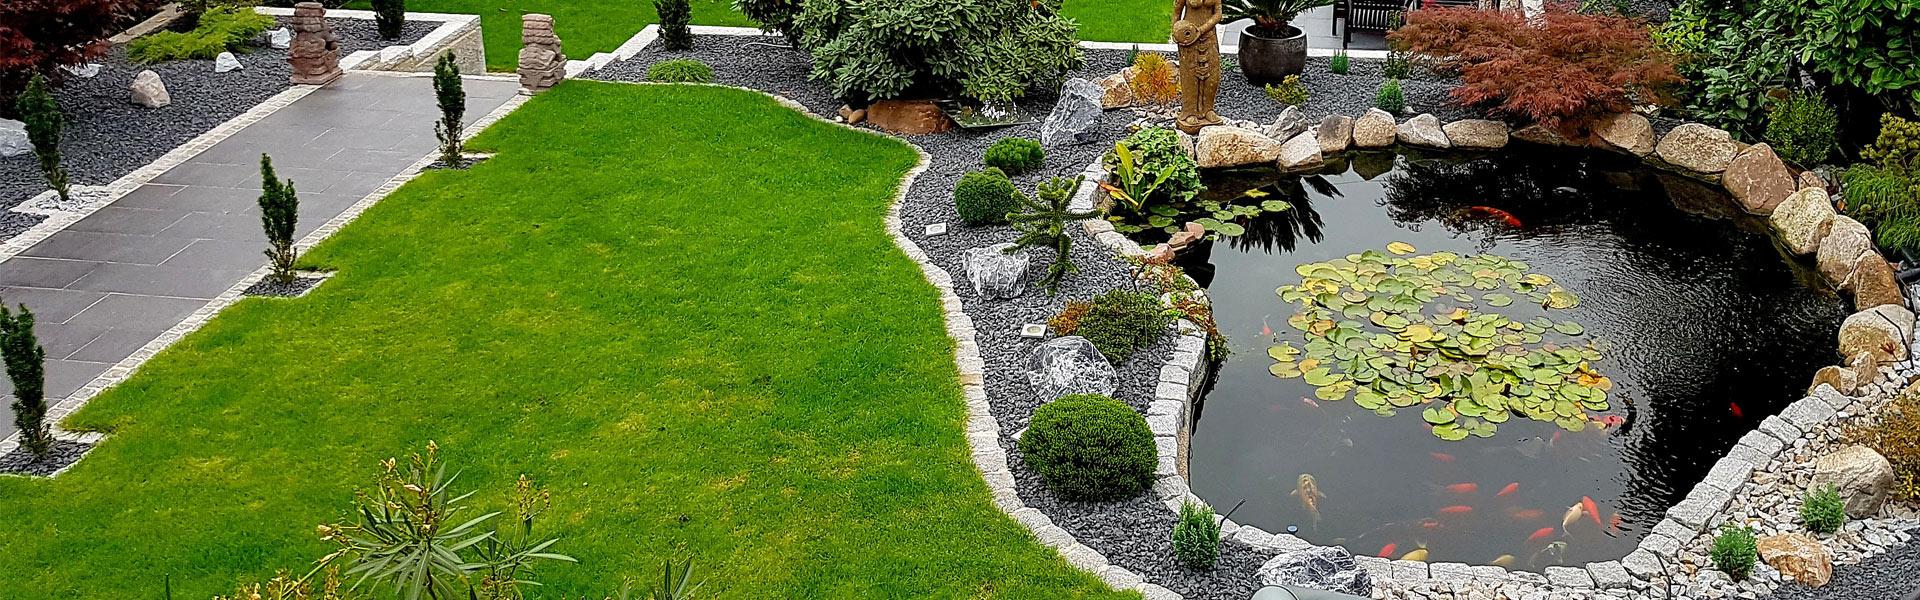 Bild von Gartengestaltung mit Teichbau